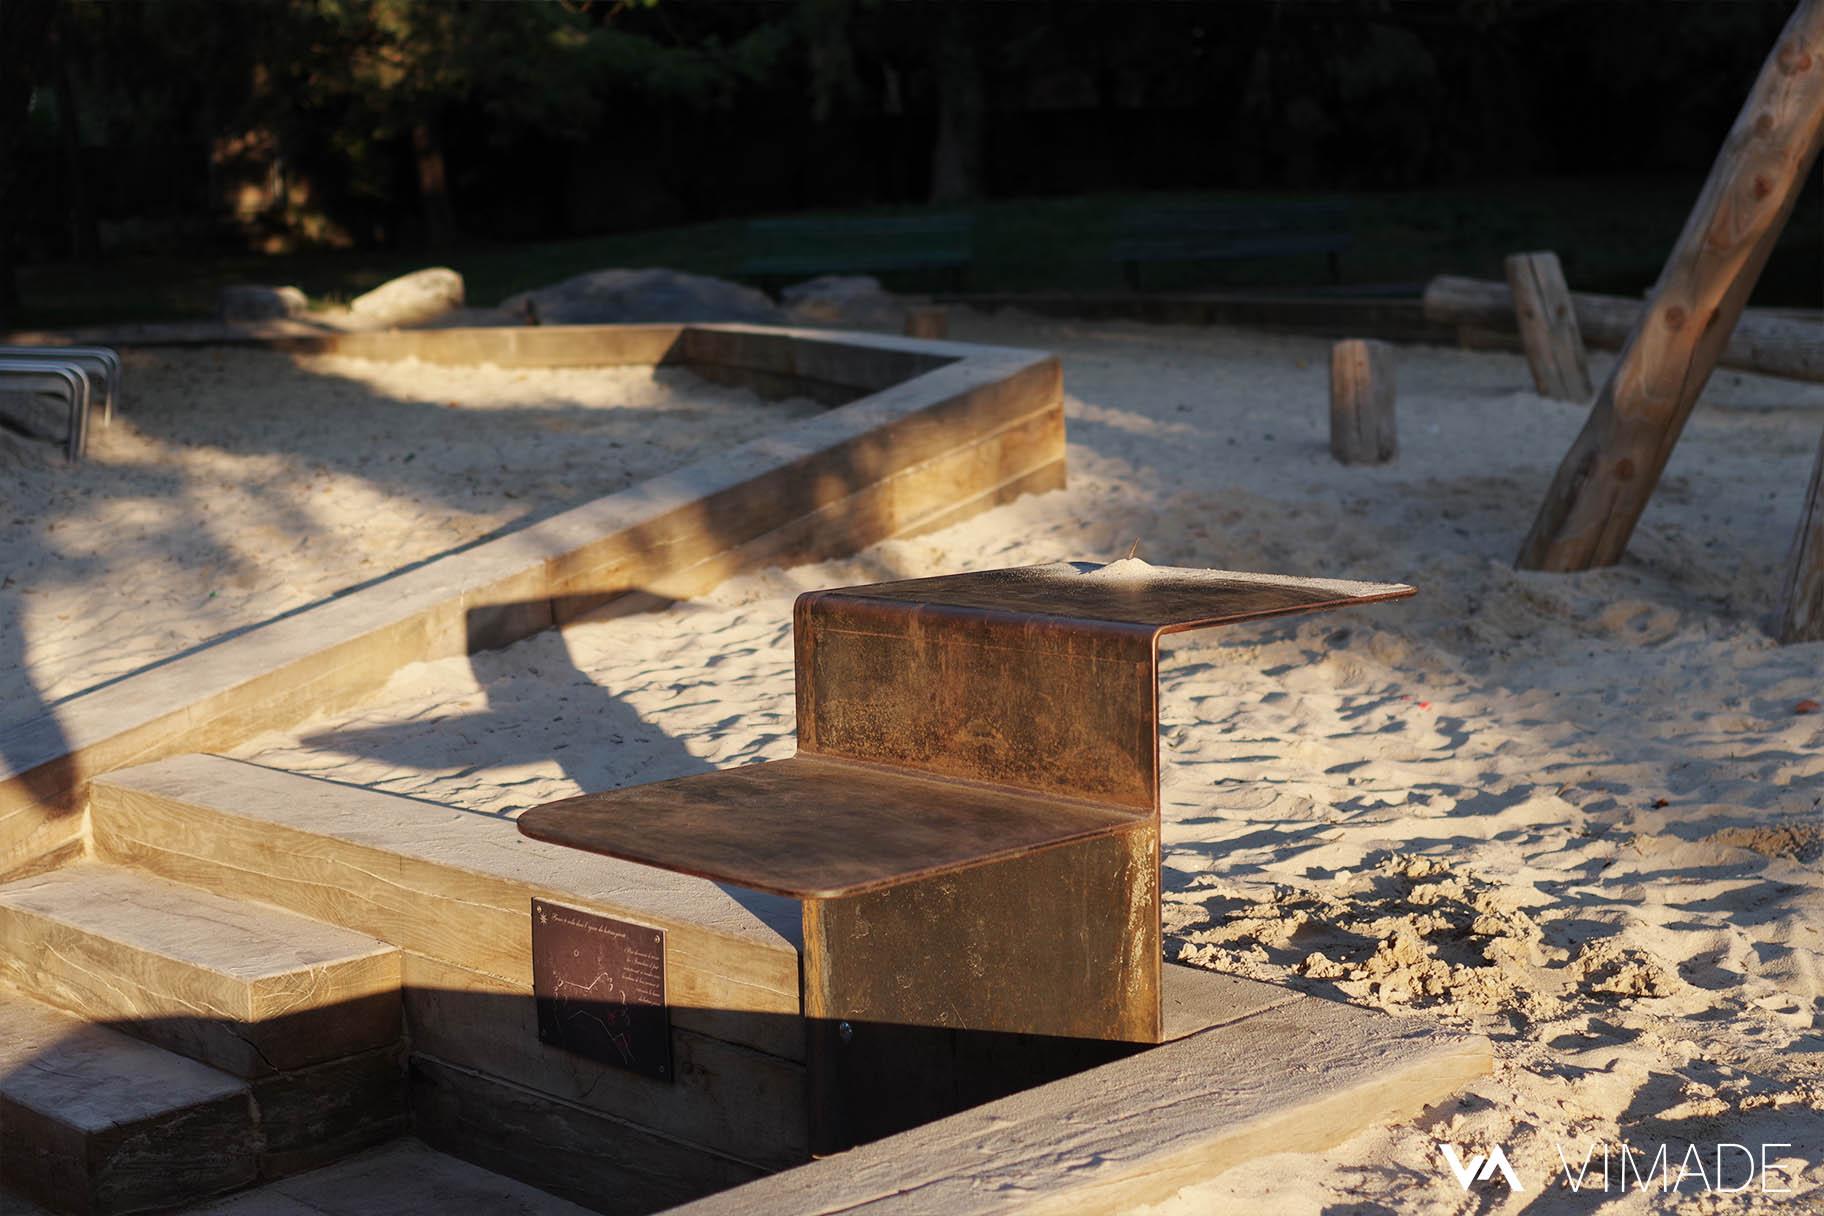 Aménagements adaptés pour les PMR dans le nouvel espace de jeux du parc des Franchises conçu par le bureau VIMADE.